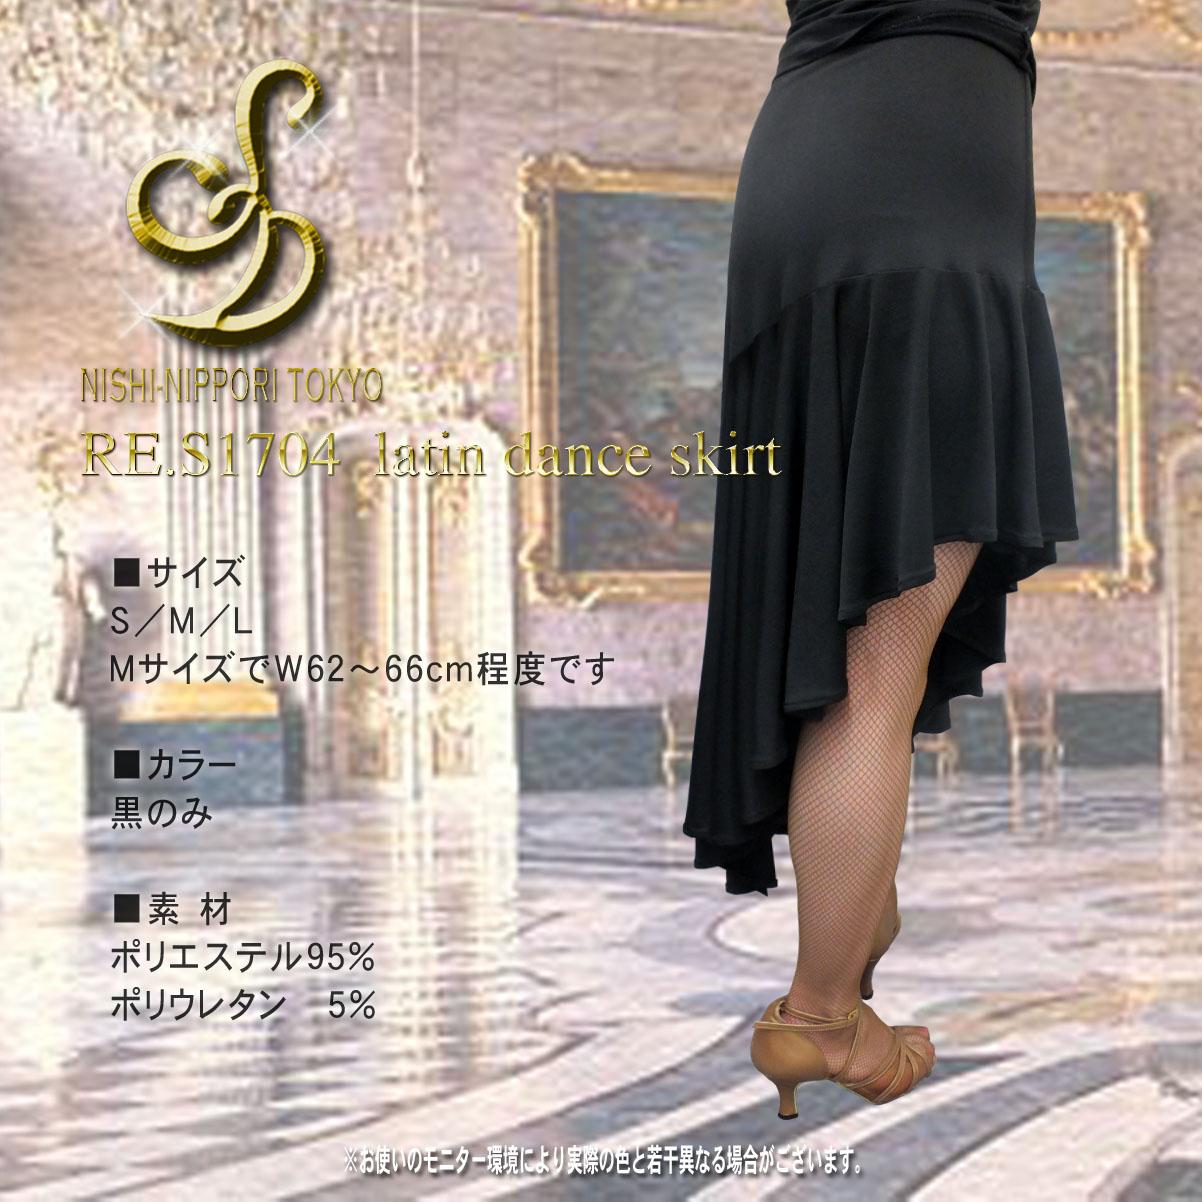 RE_S1704 ラテンスカート002